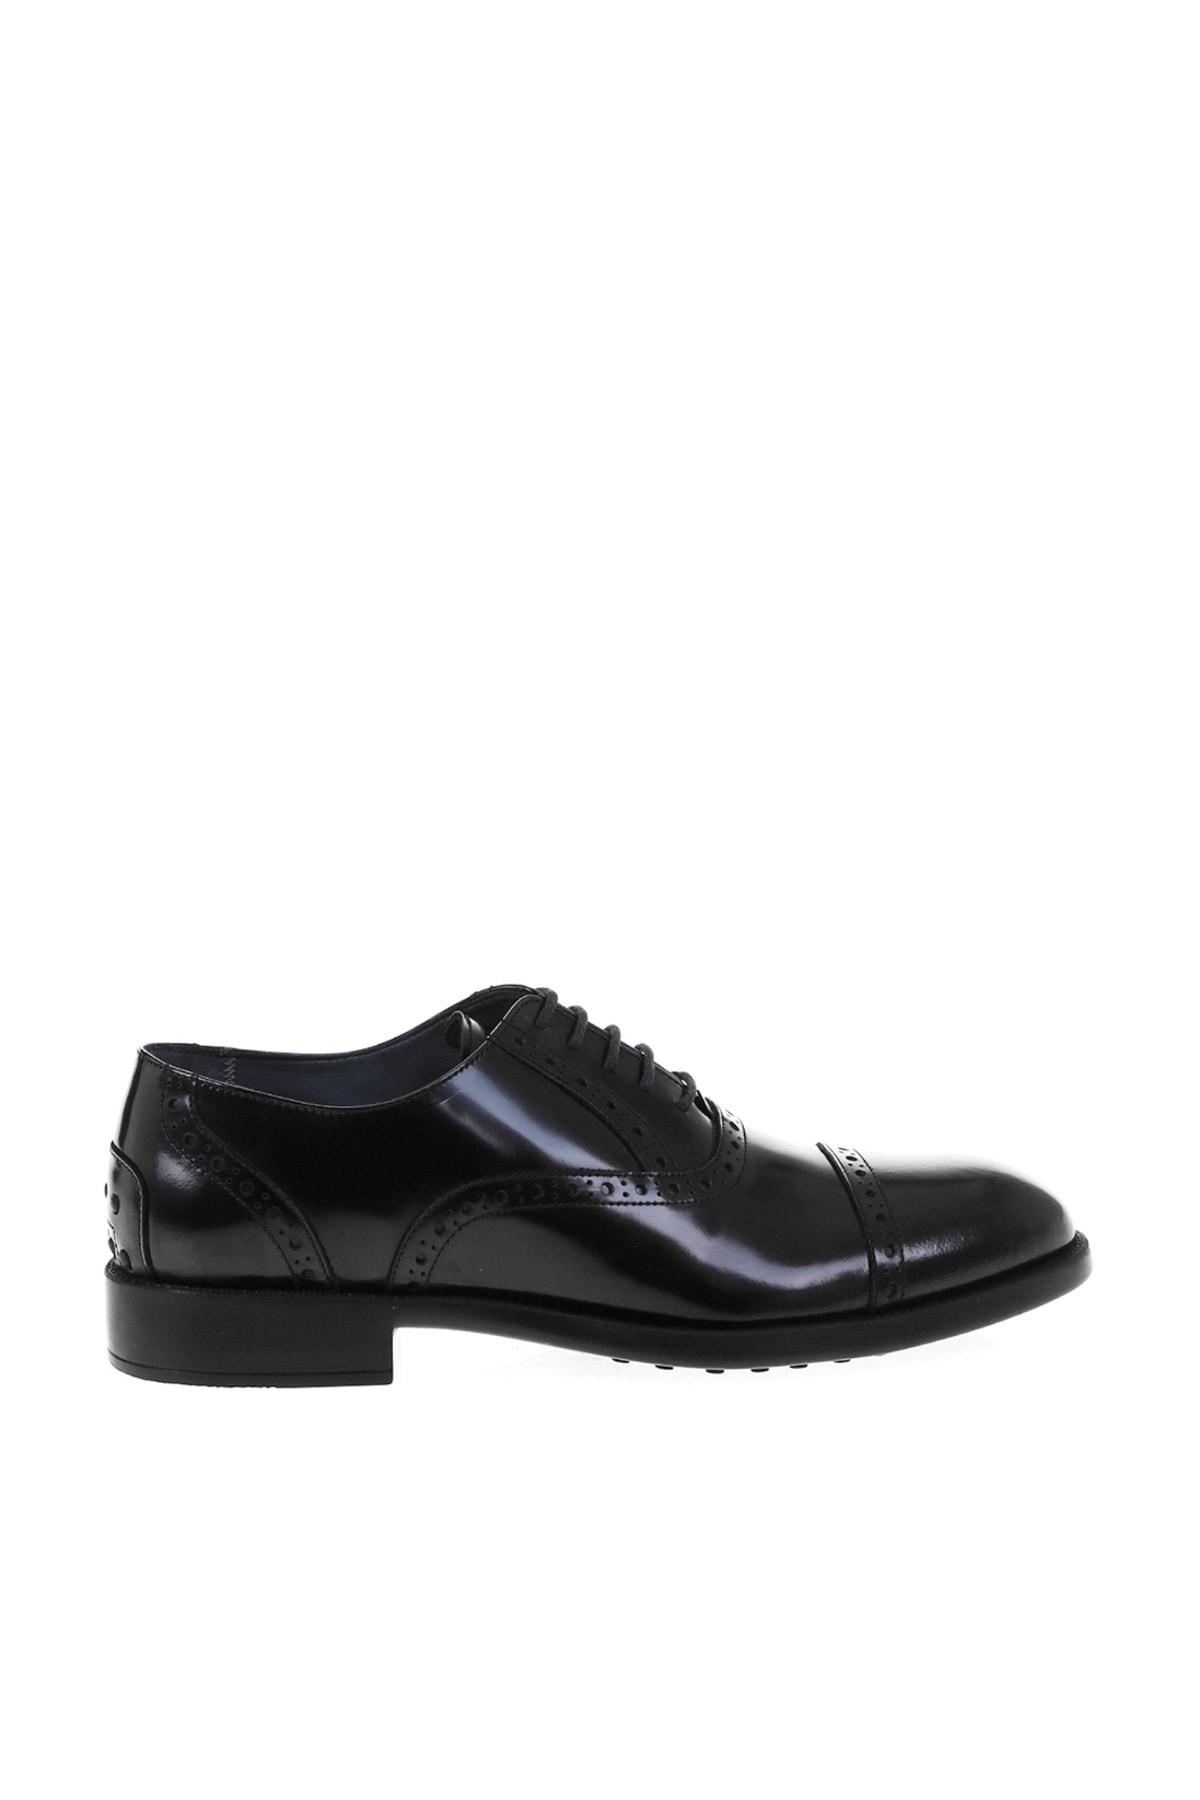 Hush Puppies Klasik Ayakkabı 1